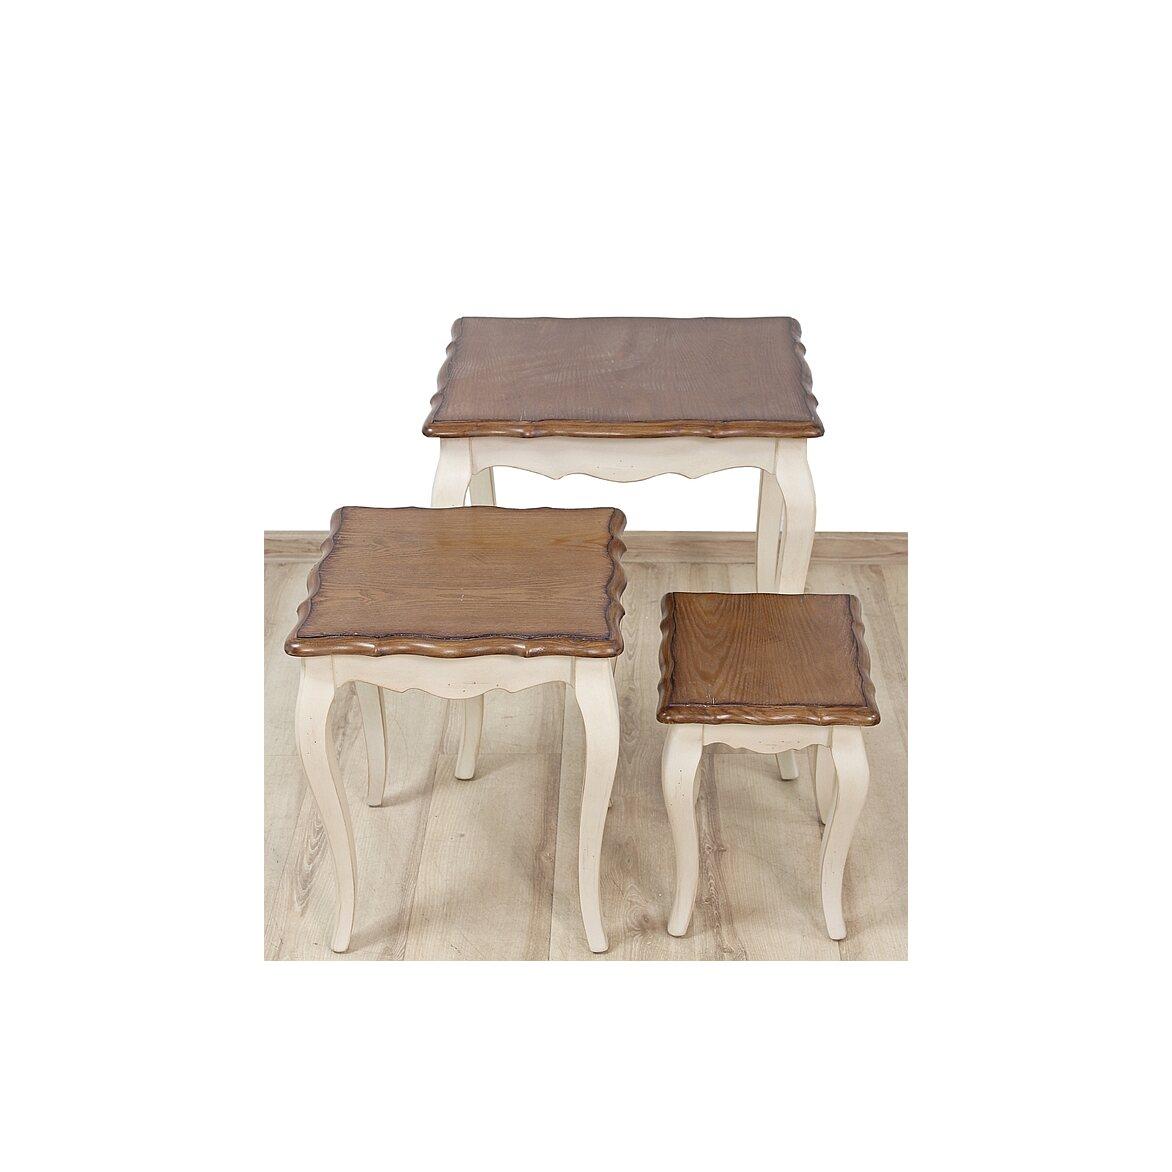 Консольные столики (комплект) Leontina, бежевого цвета 3 | Консоли Kingsby